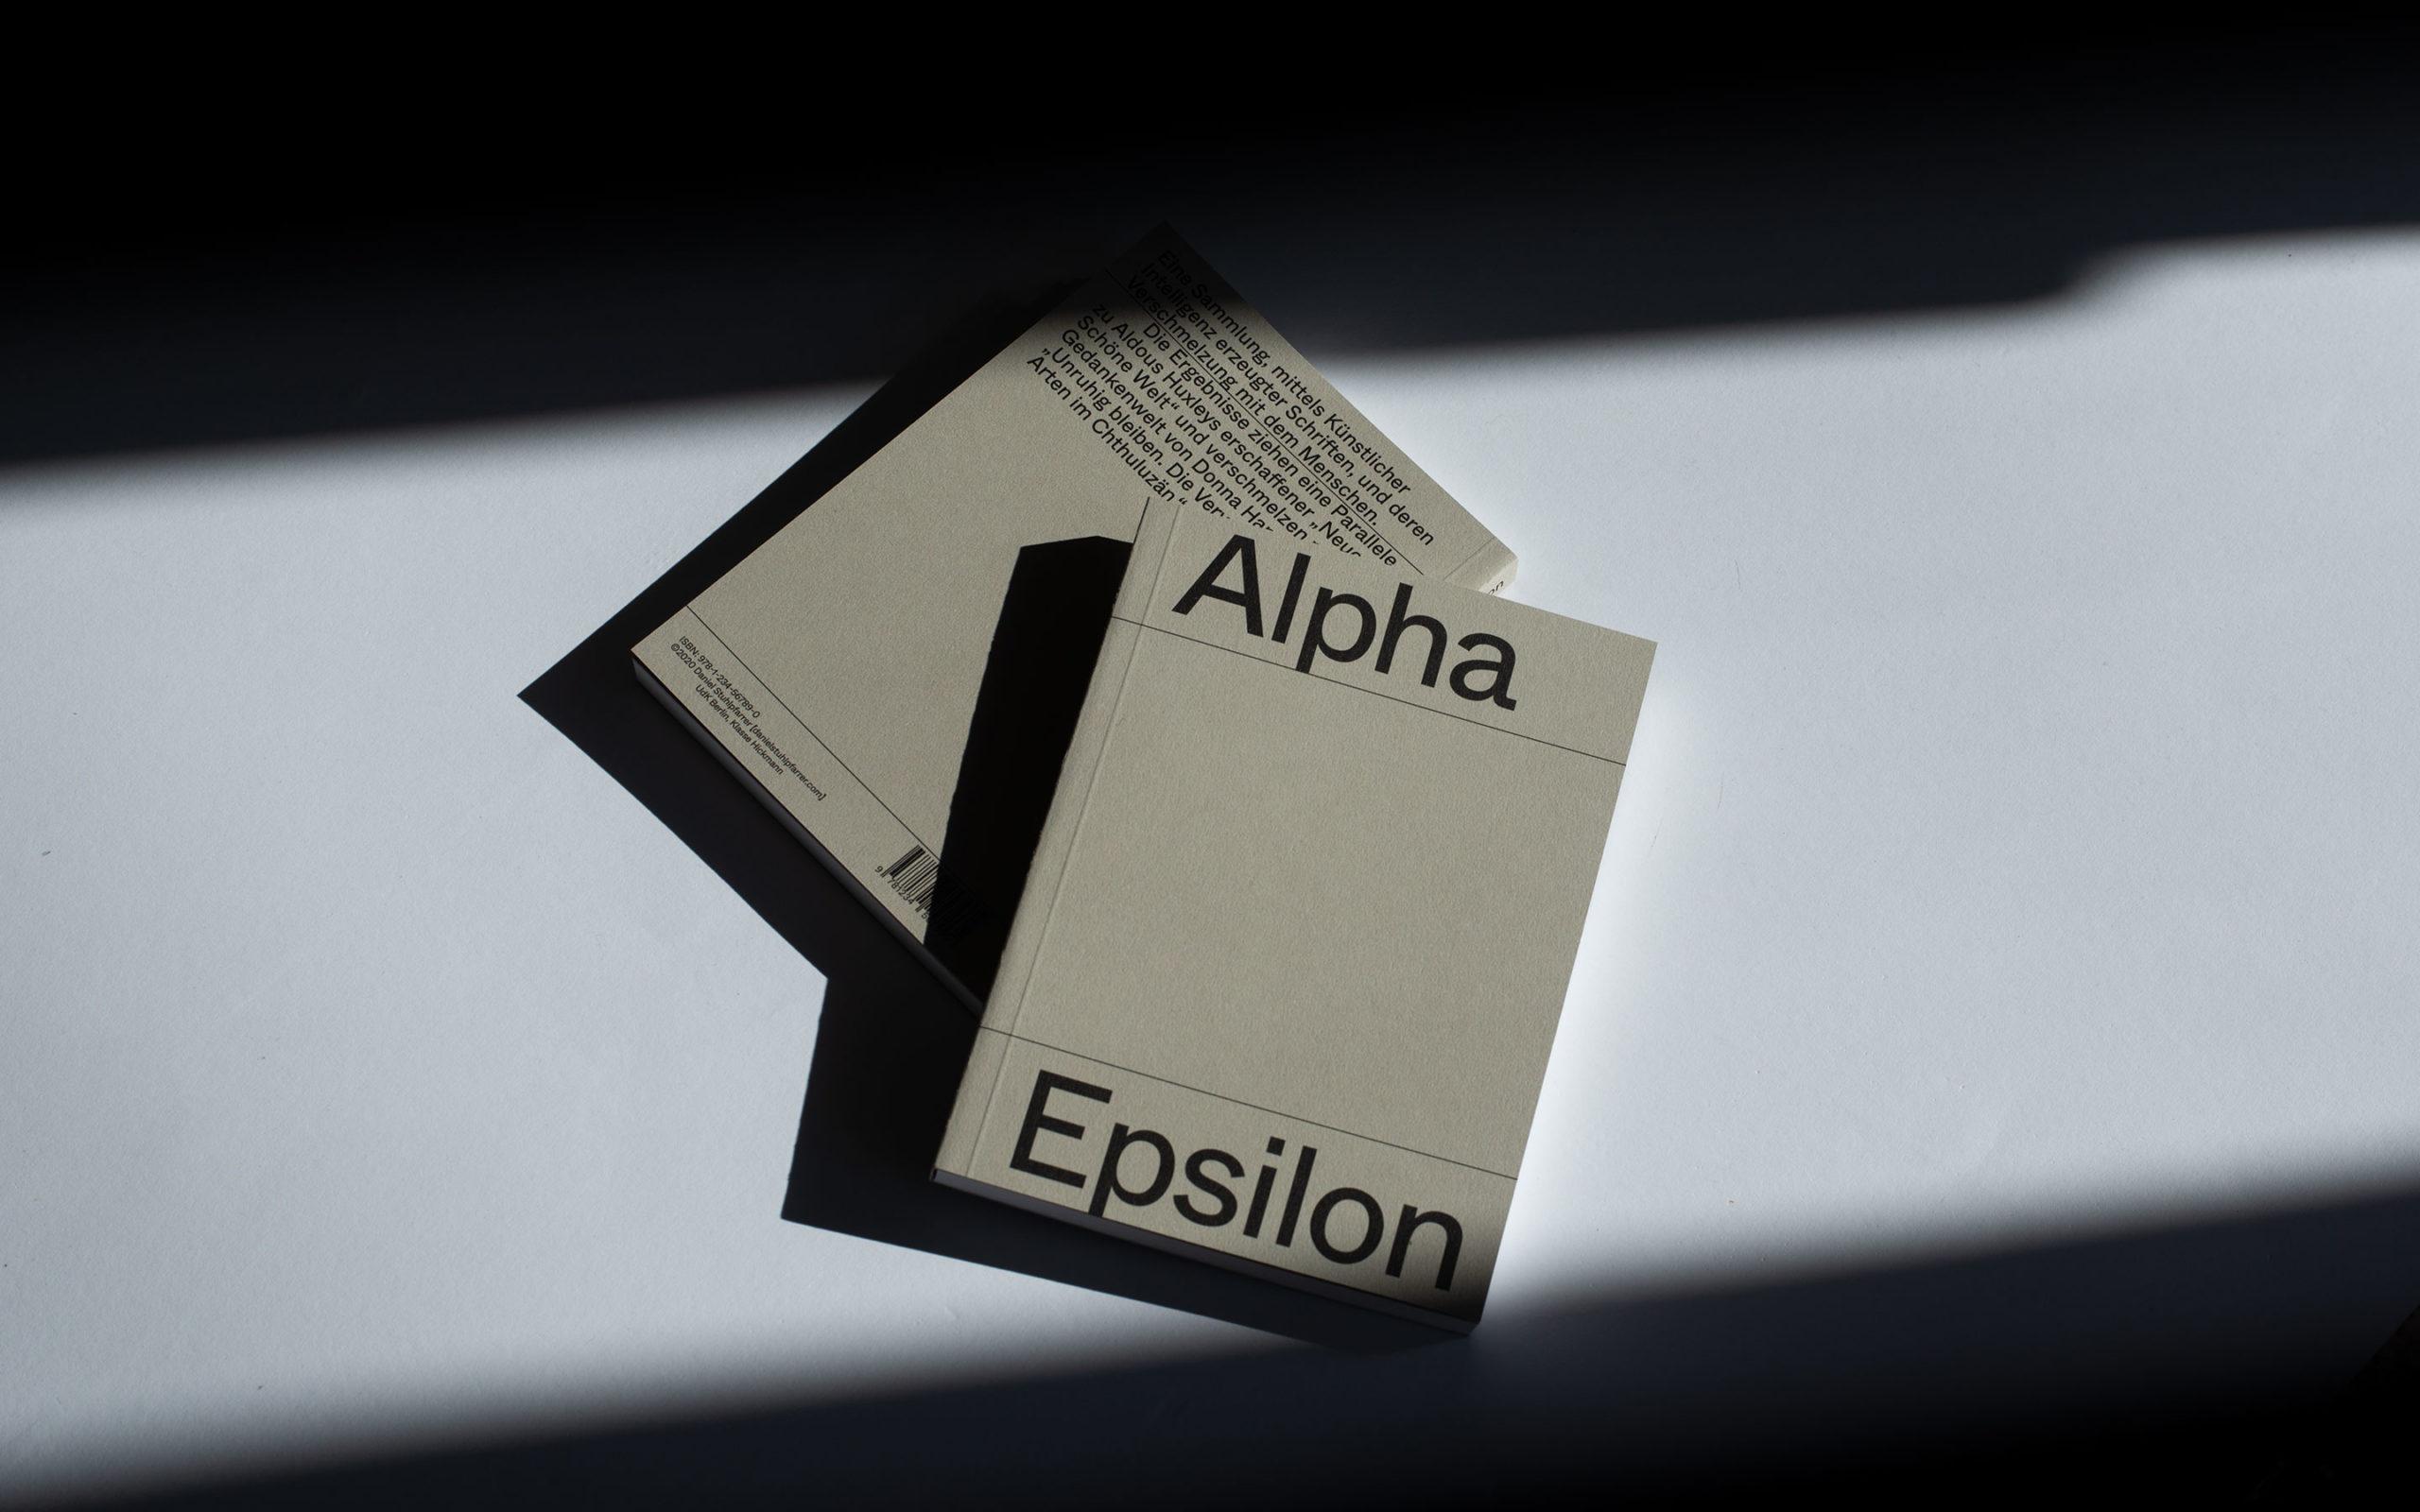 Alpha Epsilon Book Cover